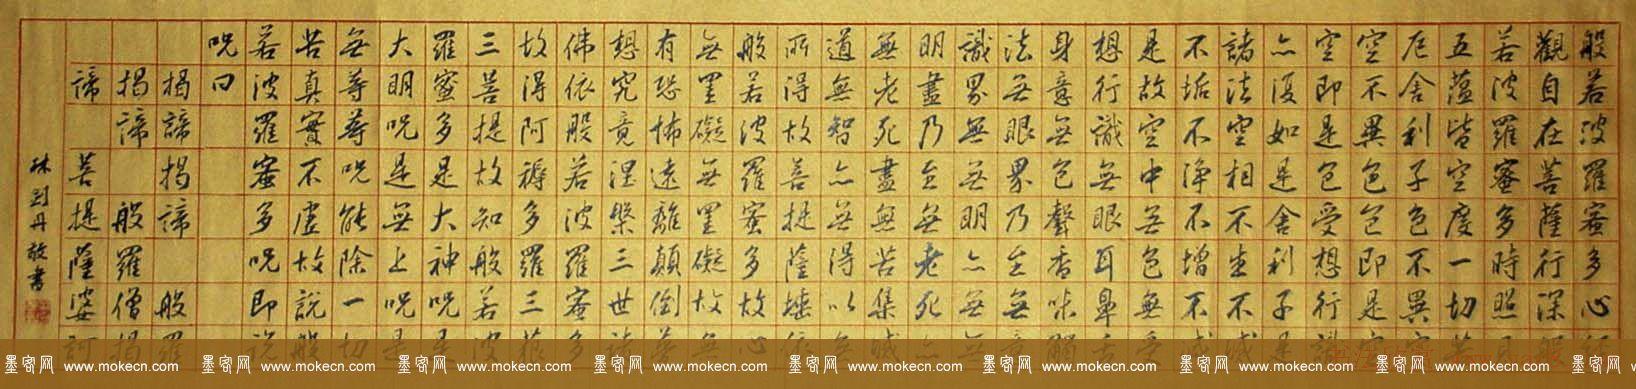 林剑丹行书欣赏泥金纸《心经》手卷